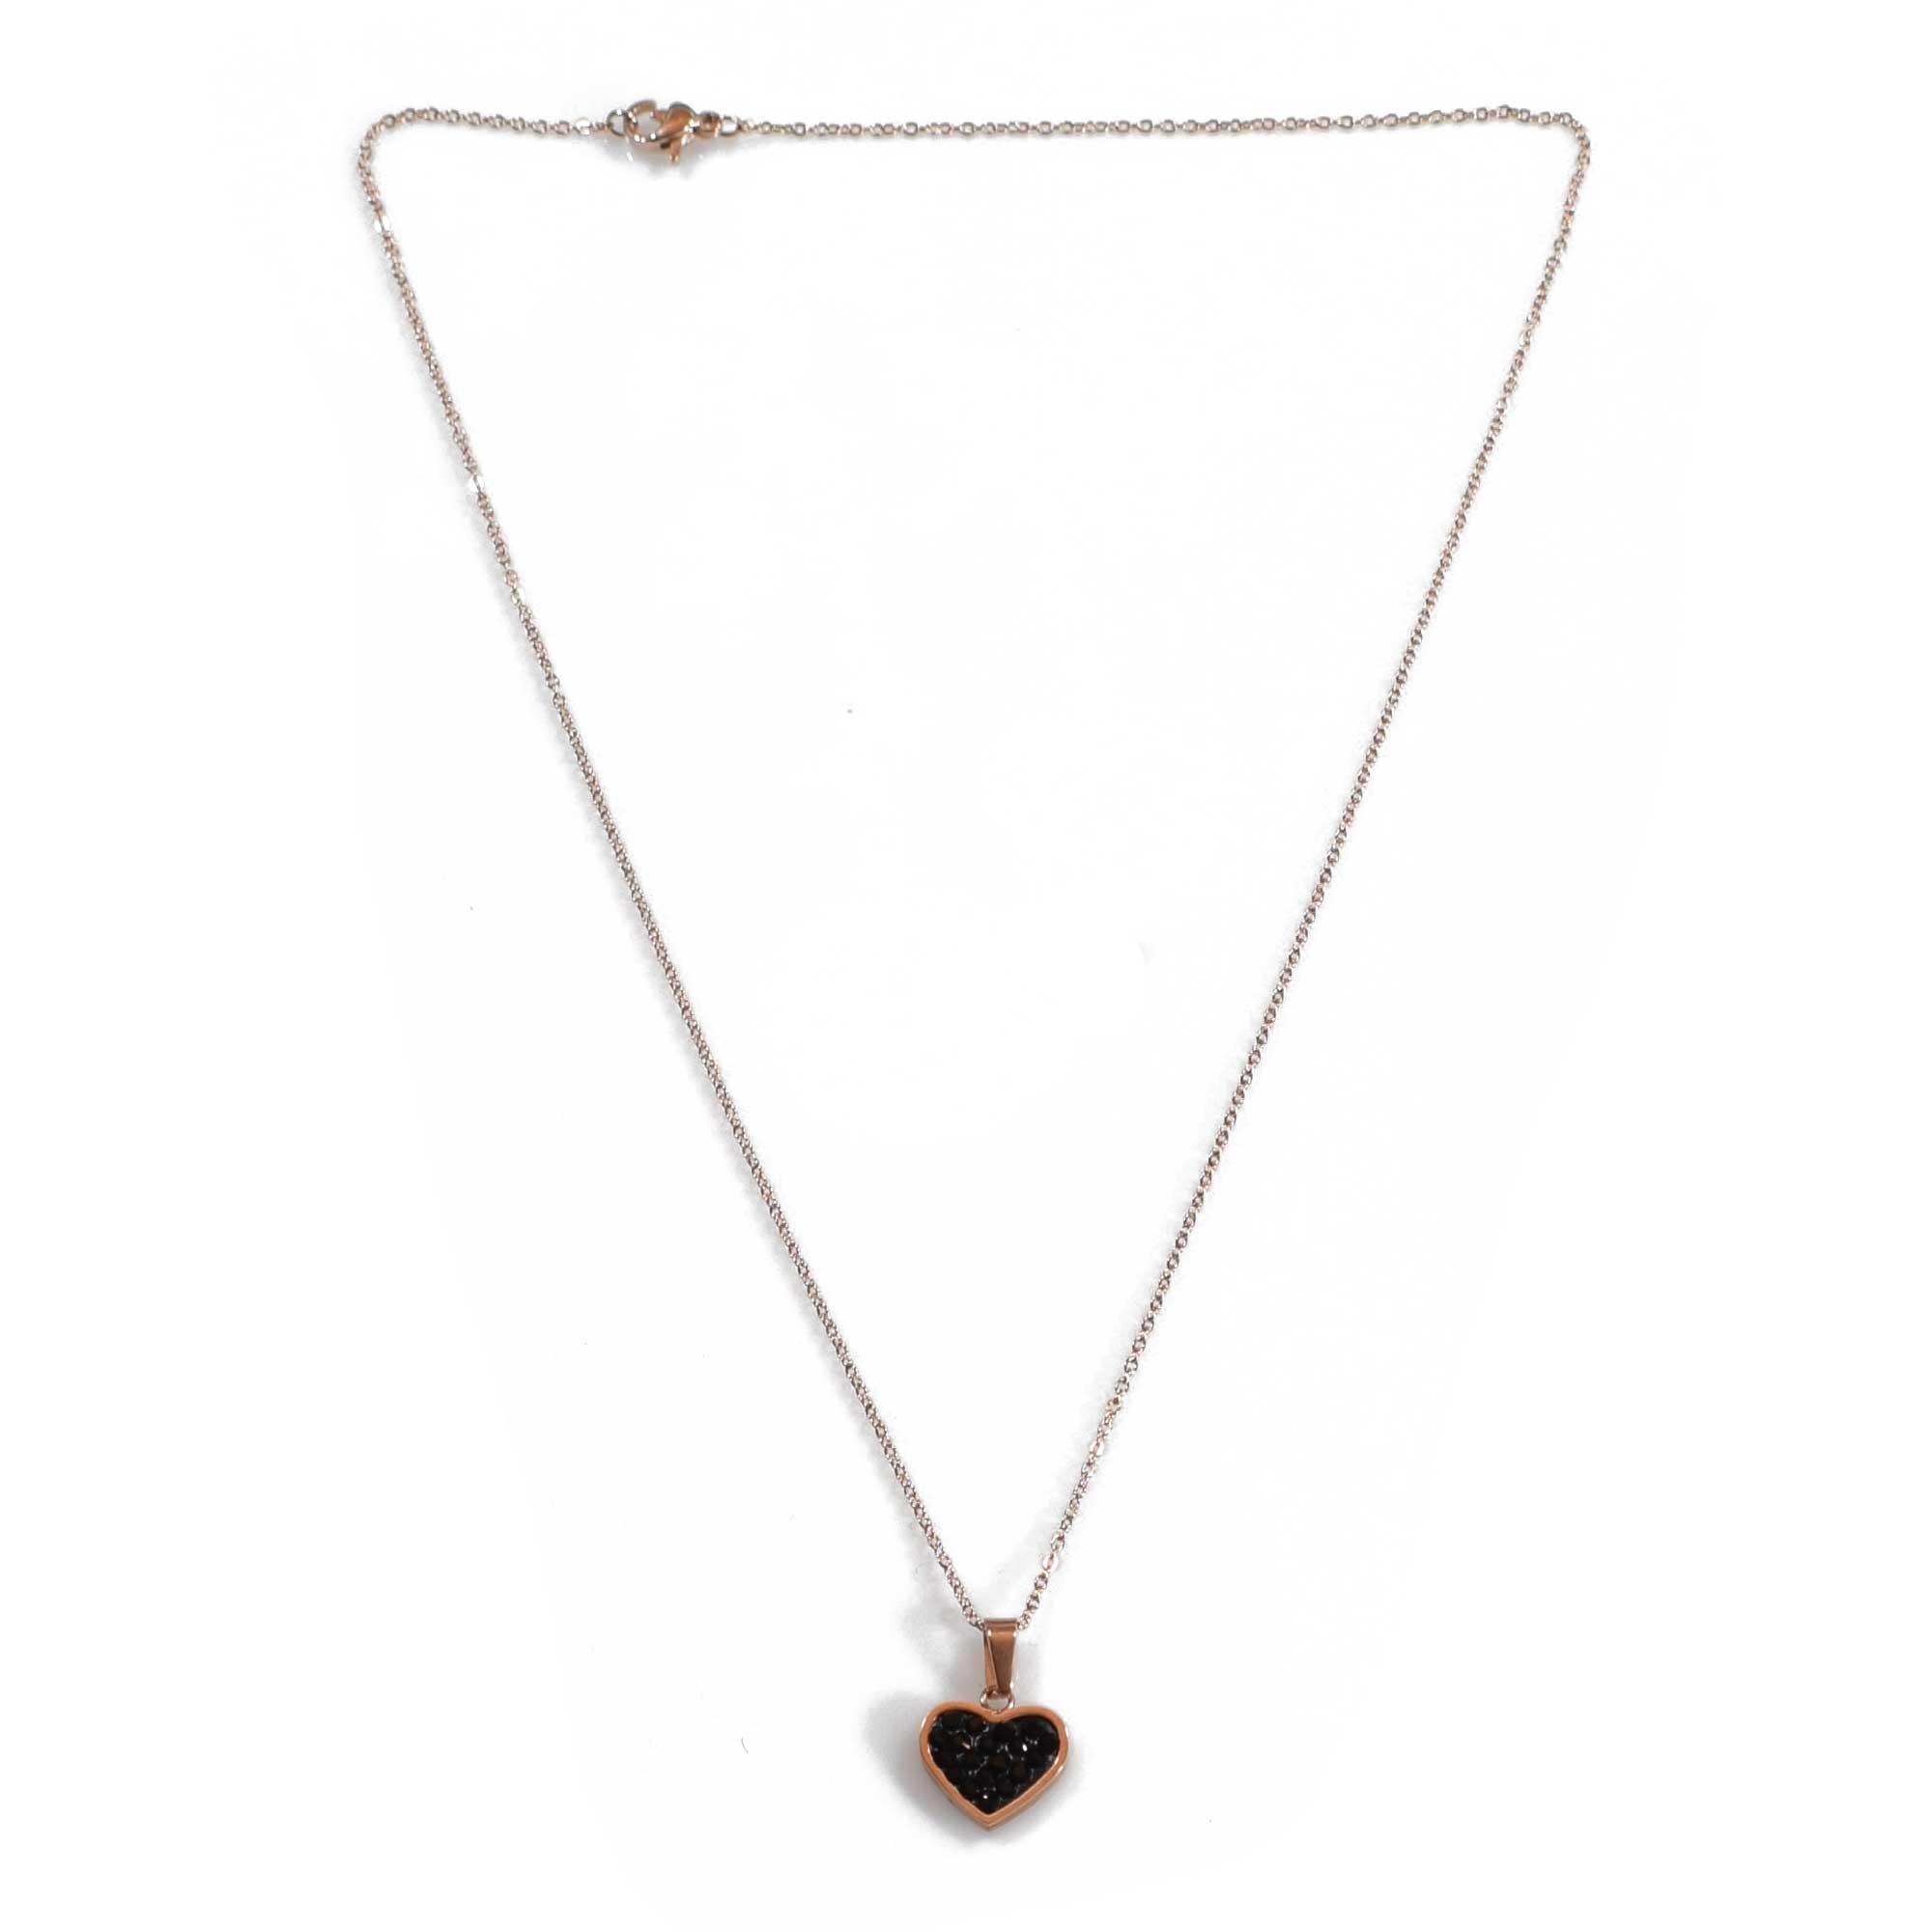 Κολιέ ατσάλινο (stainless steel) rose gold (καρδιά) με κρυστάλλους BZ-NK 0cbb36191f1